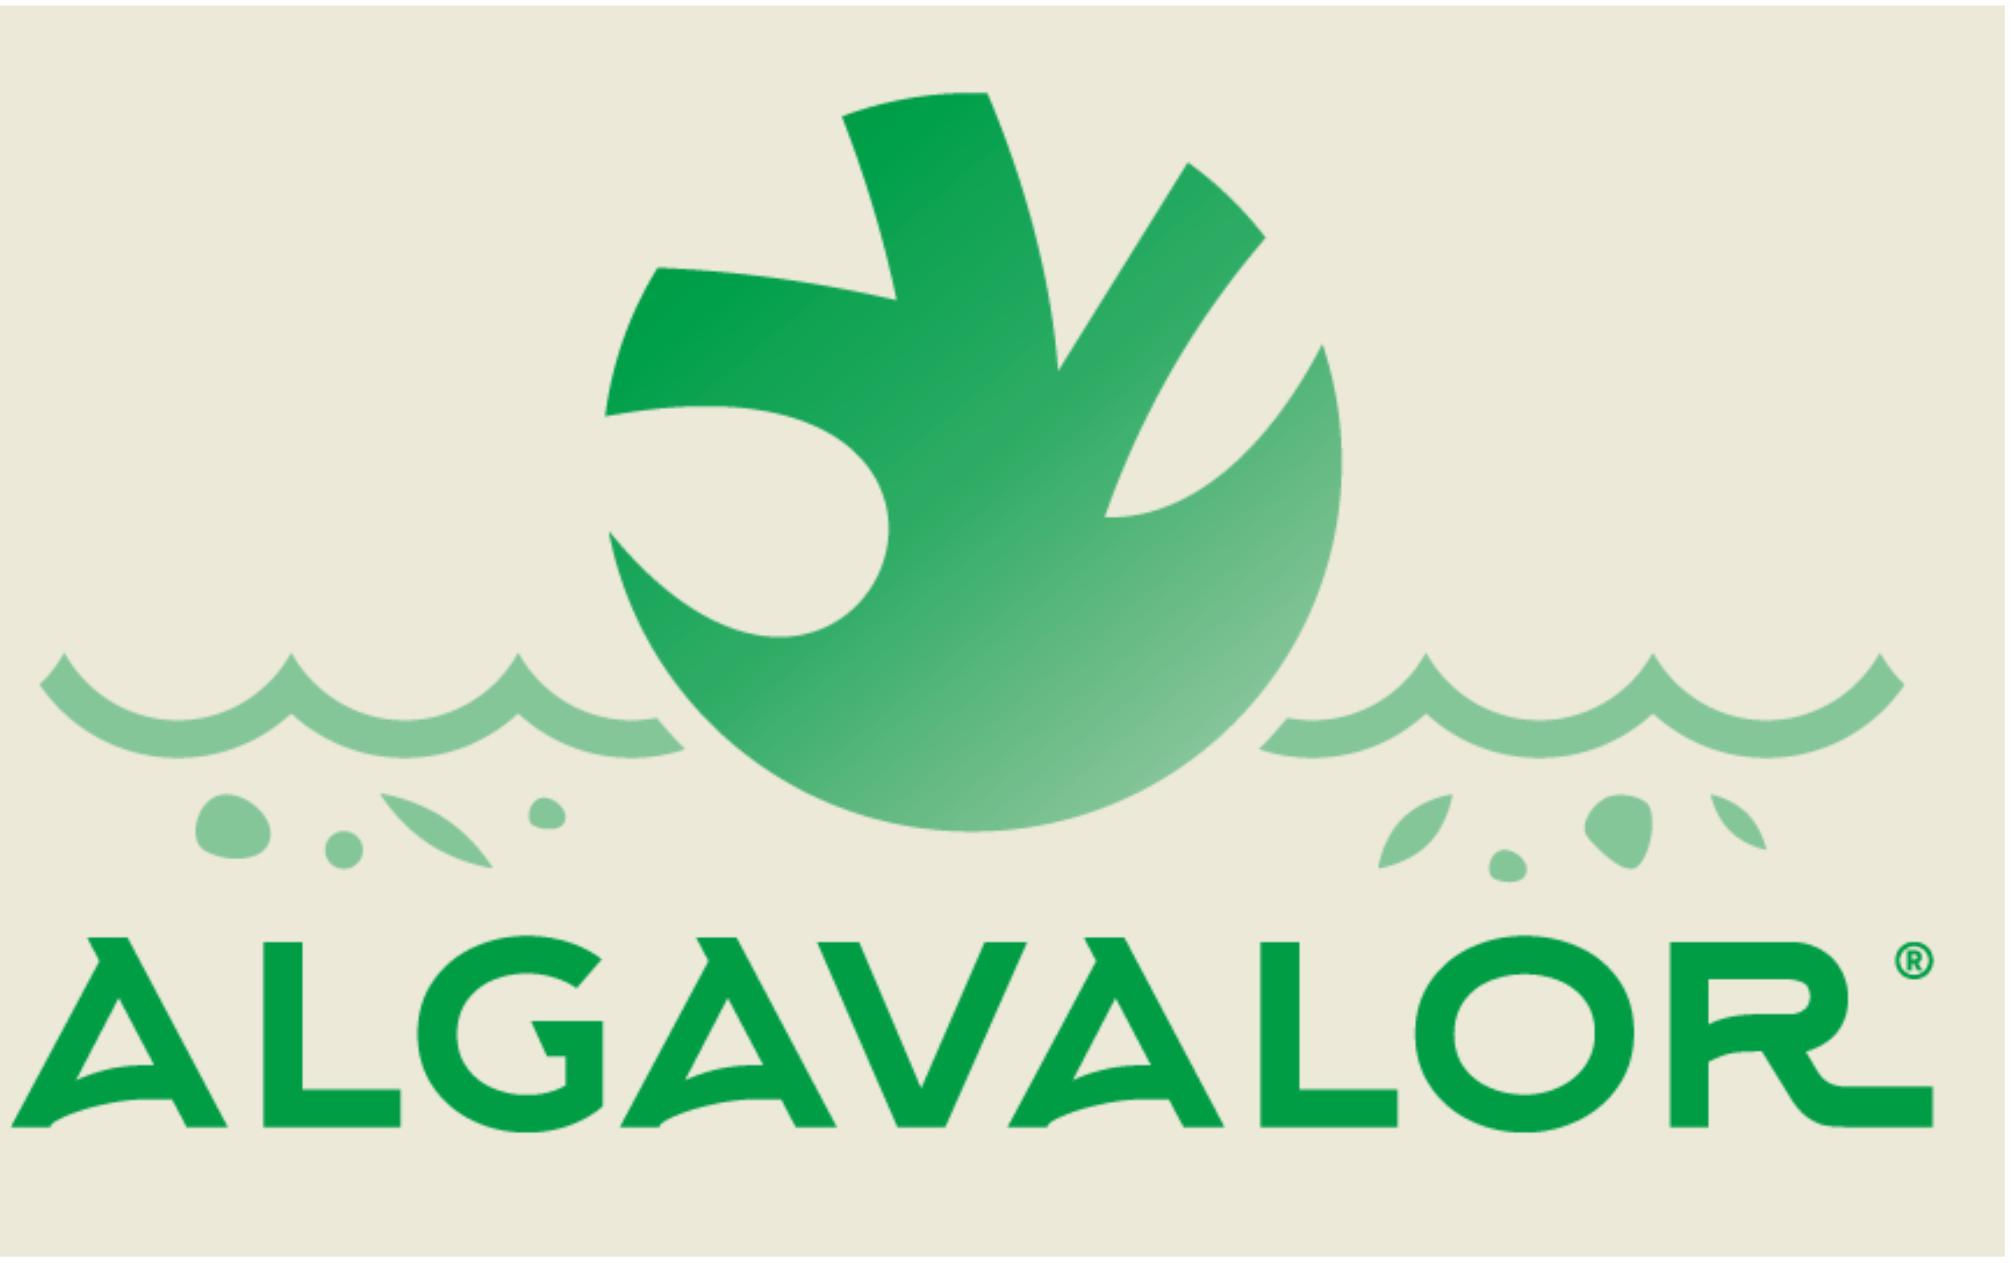 ALGAVALOR